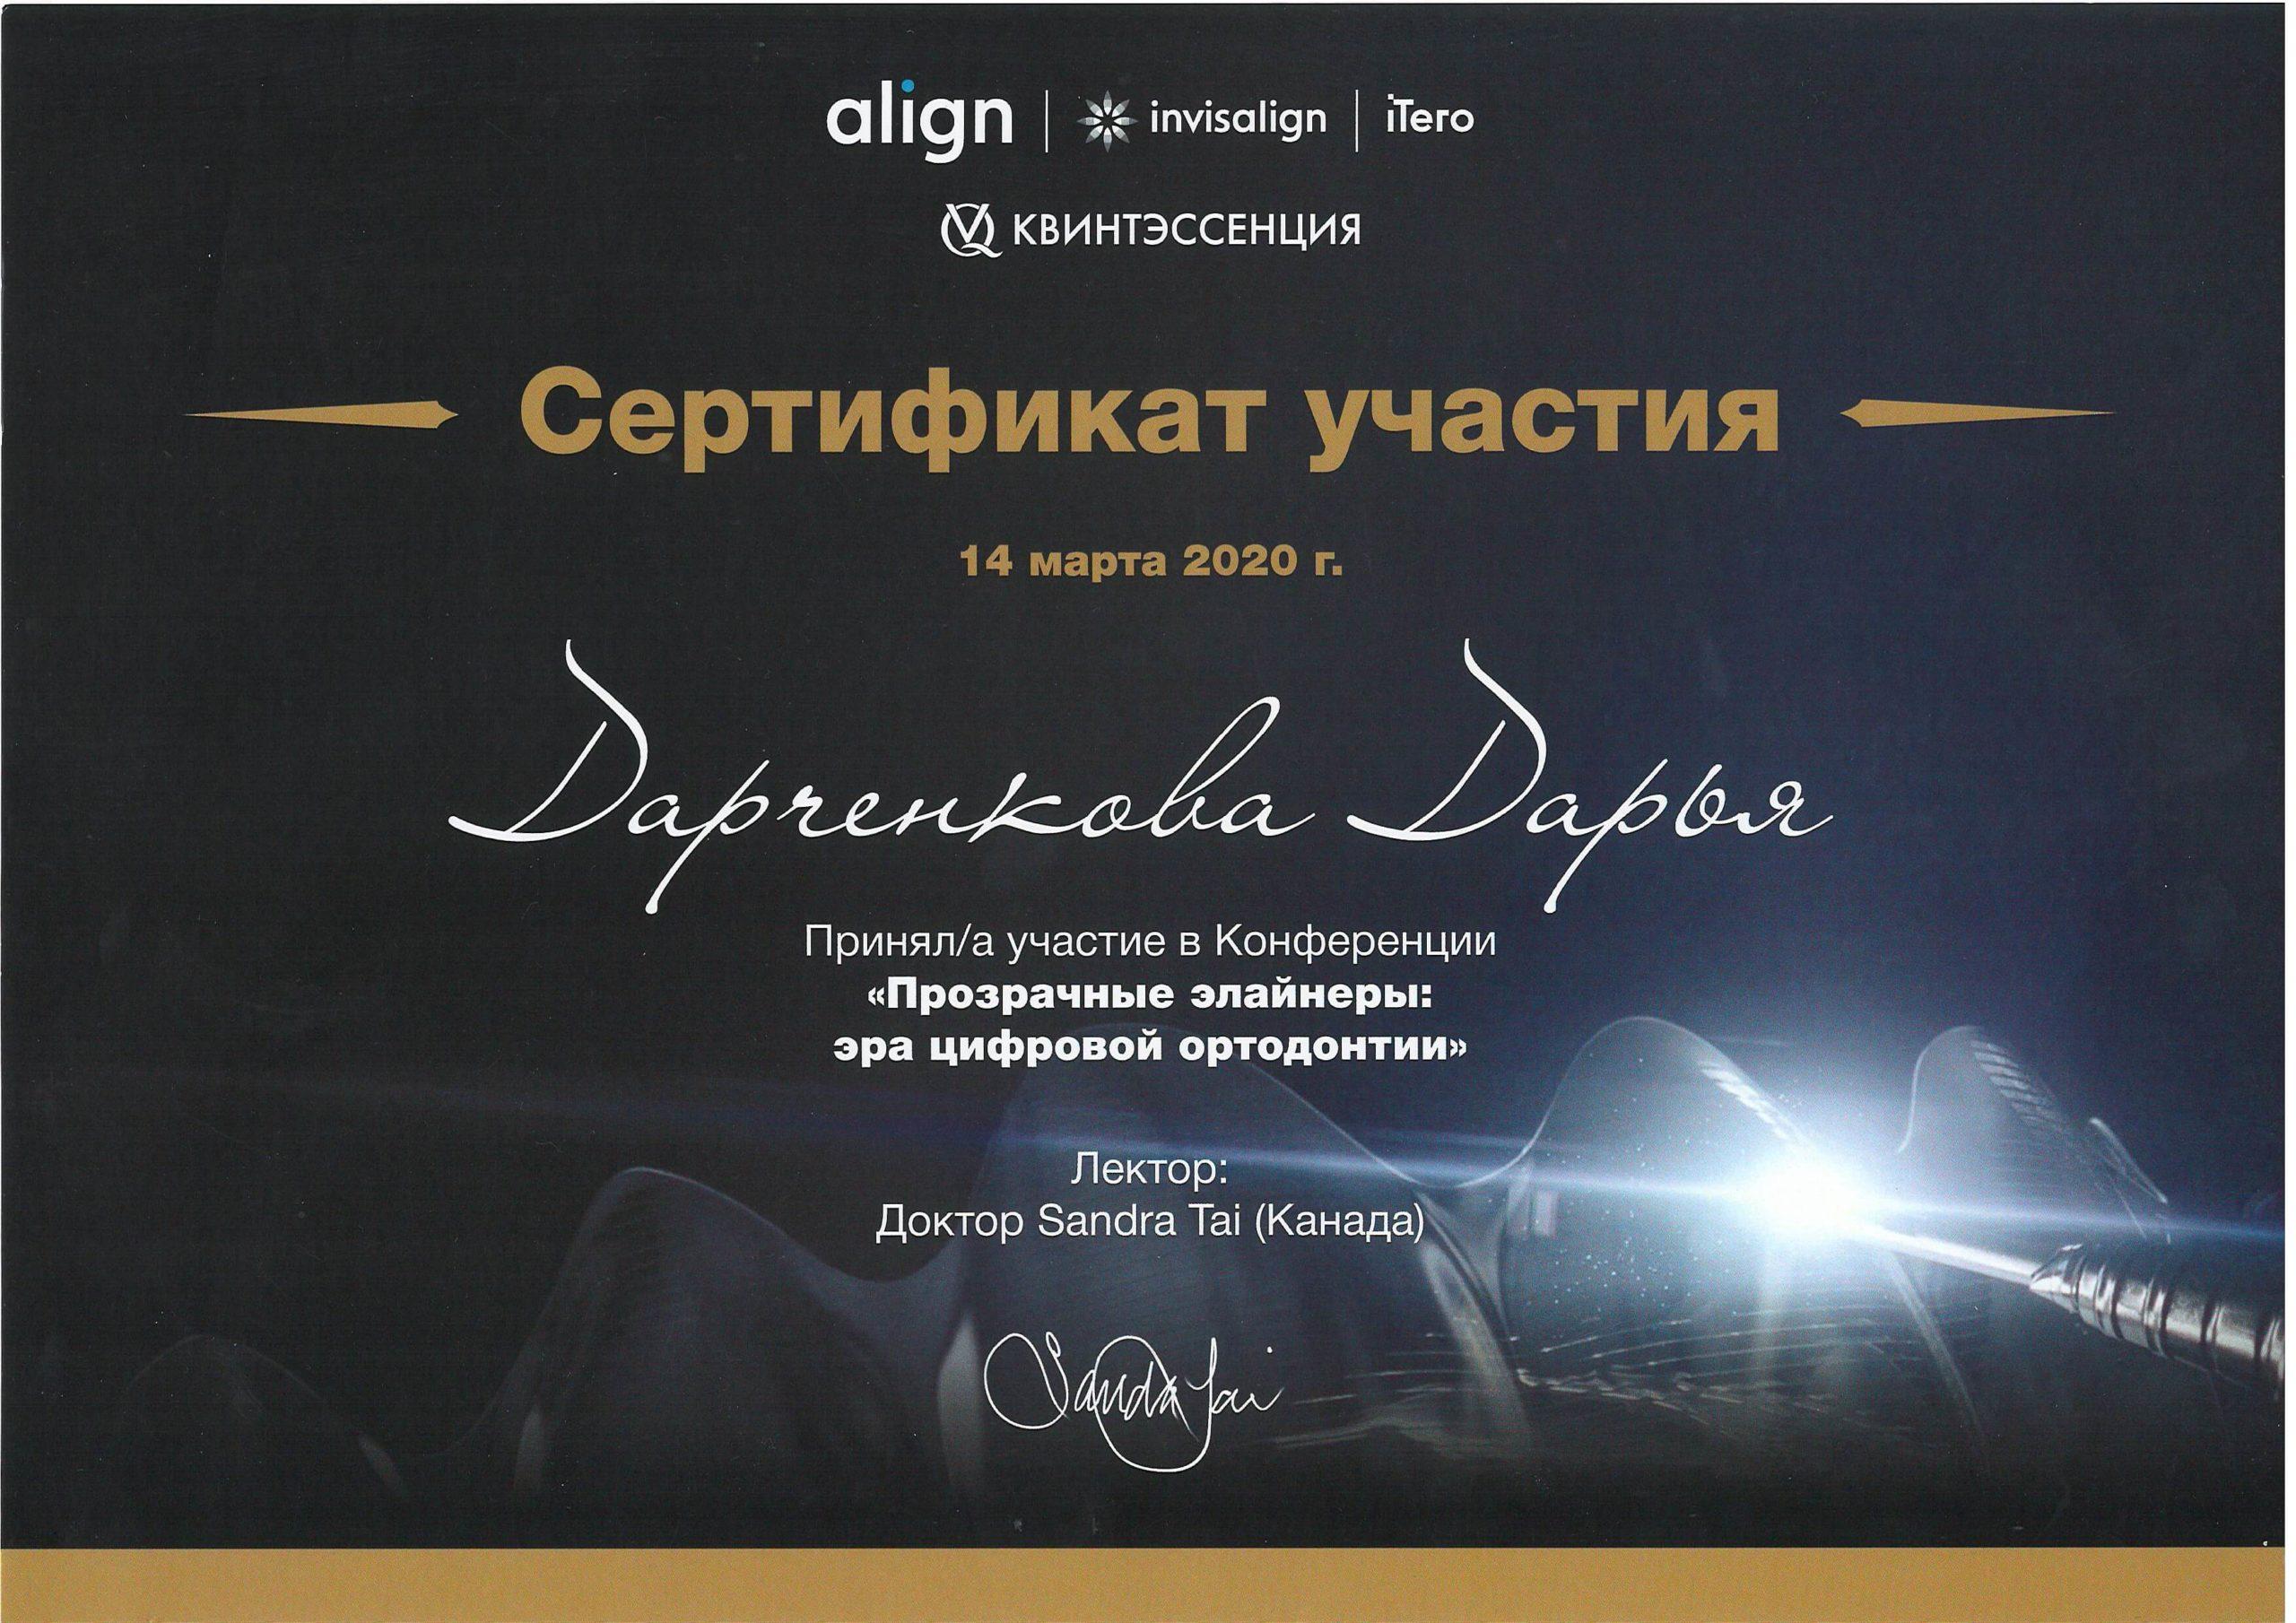 сертификат стоматолога Дарченкова 2020